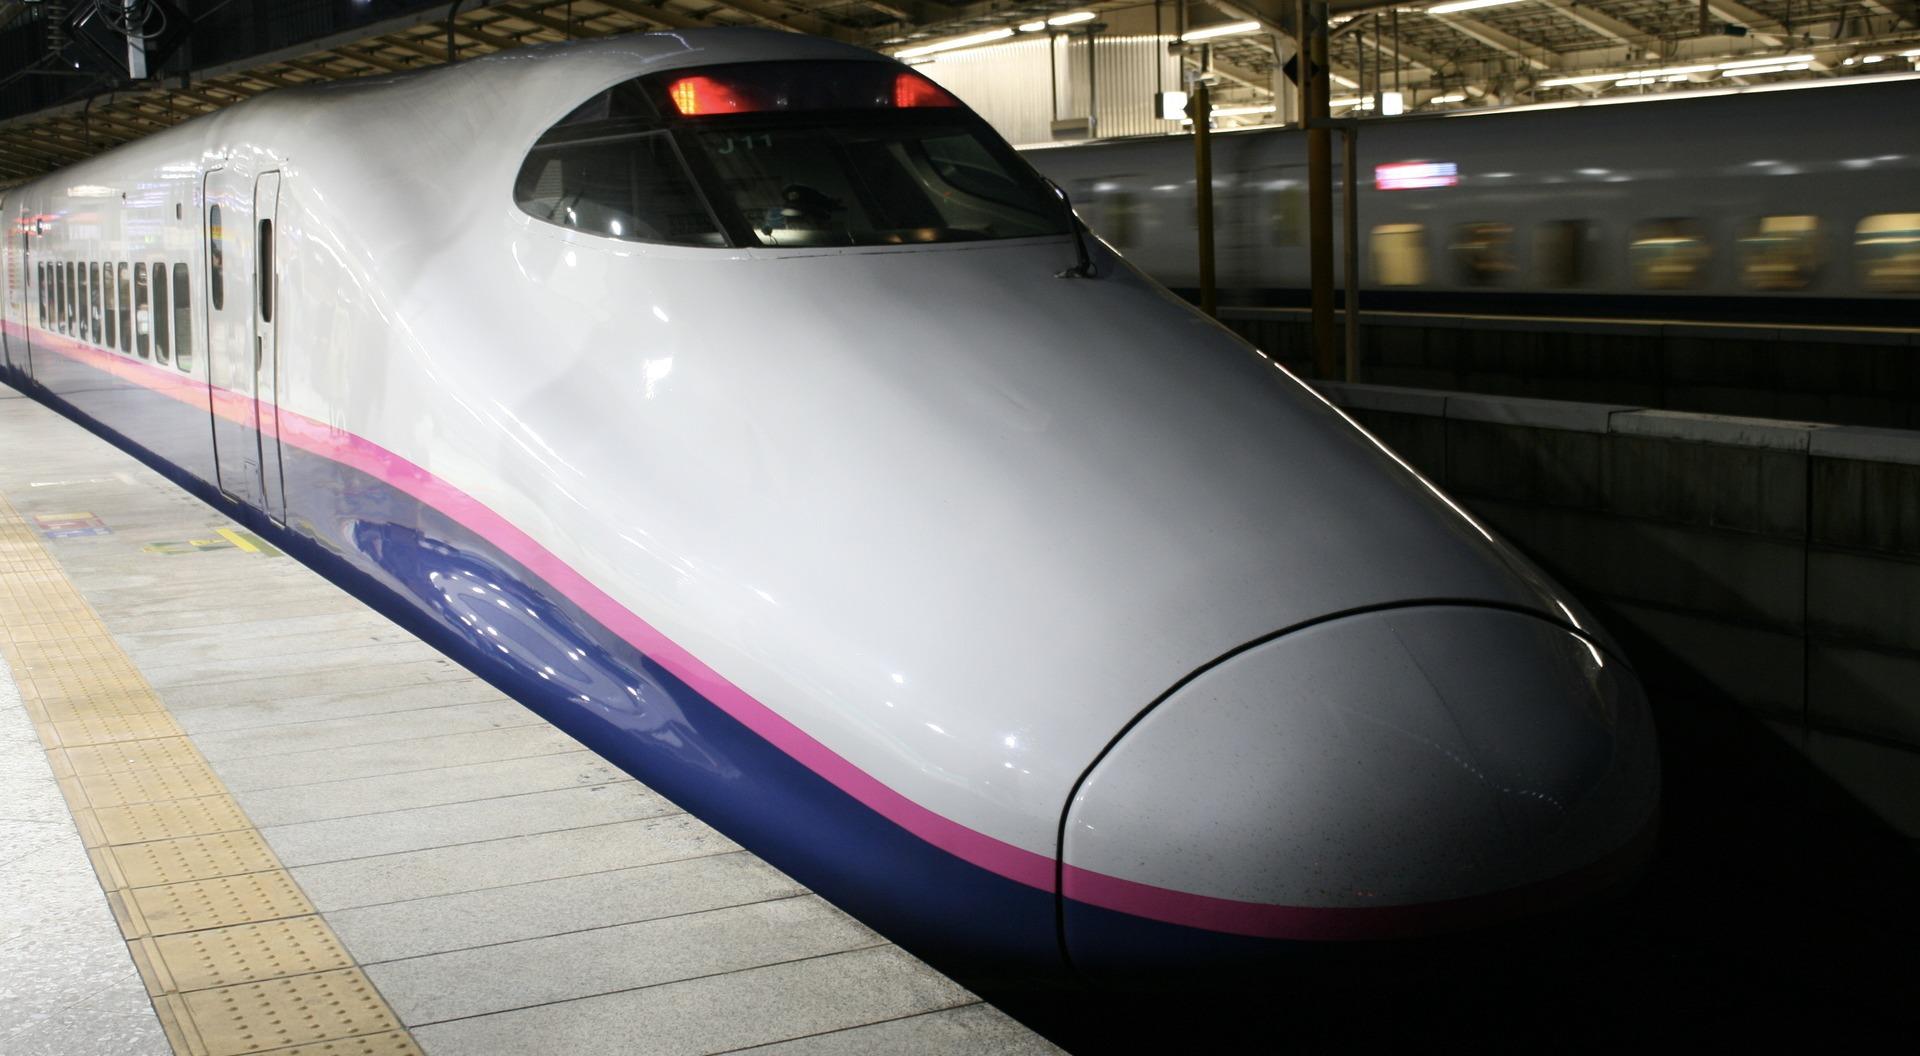 湯沢 新幹線 ガーラ 【2020】新幹線で行くガーラ湯沢:押さえておきたい6つのポイント、おすすめ新幹線も 寝ながら投資